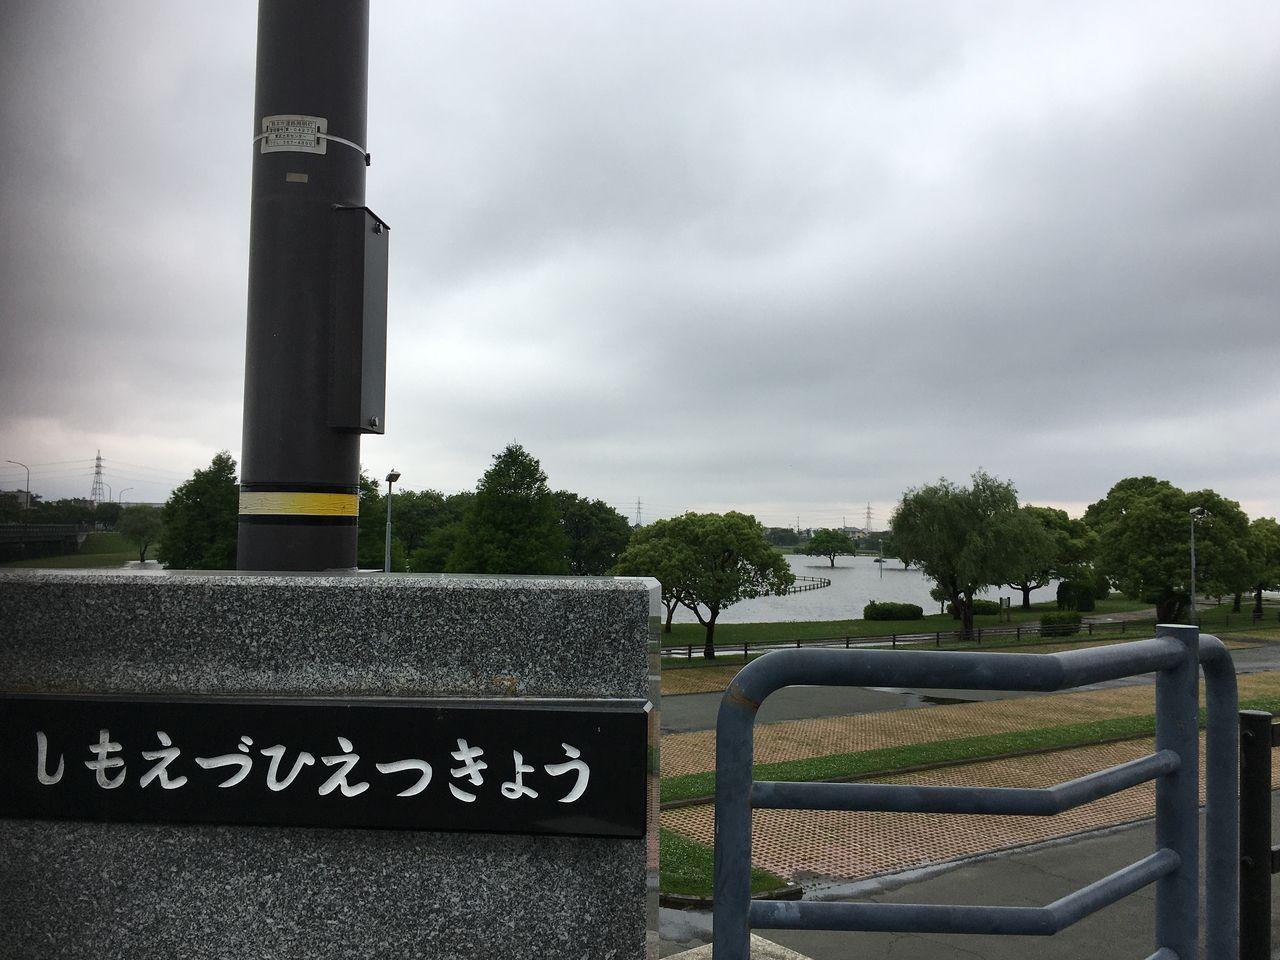 橋の上から見た熊本市水前寺江津湖公園・広木地区